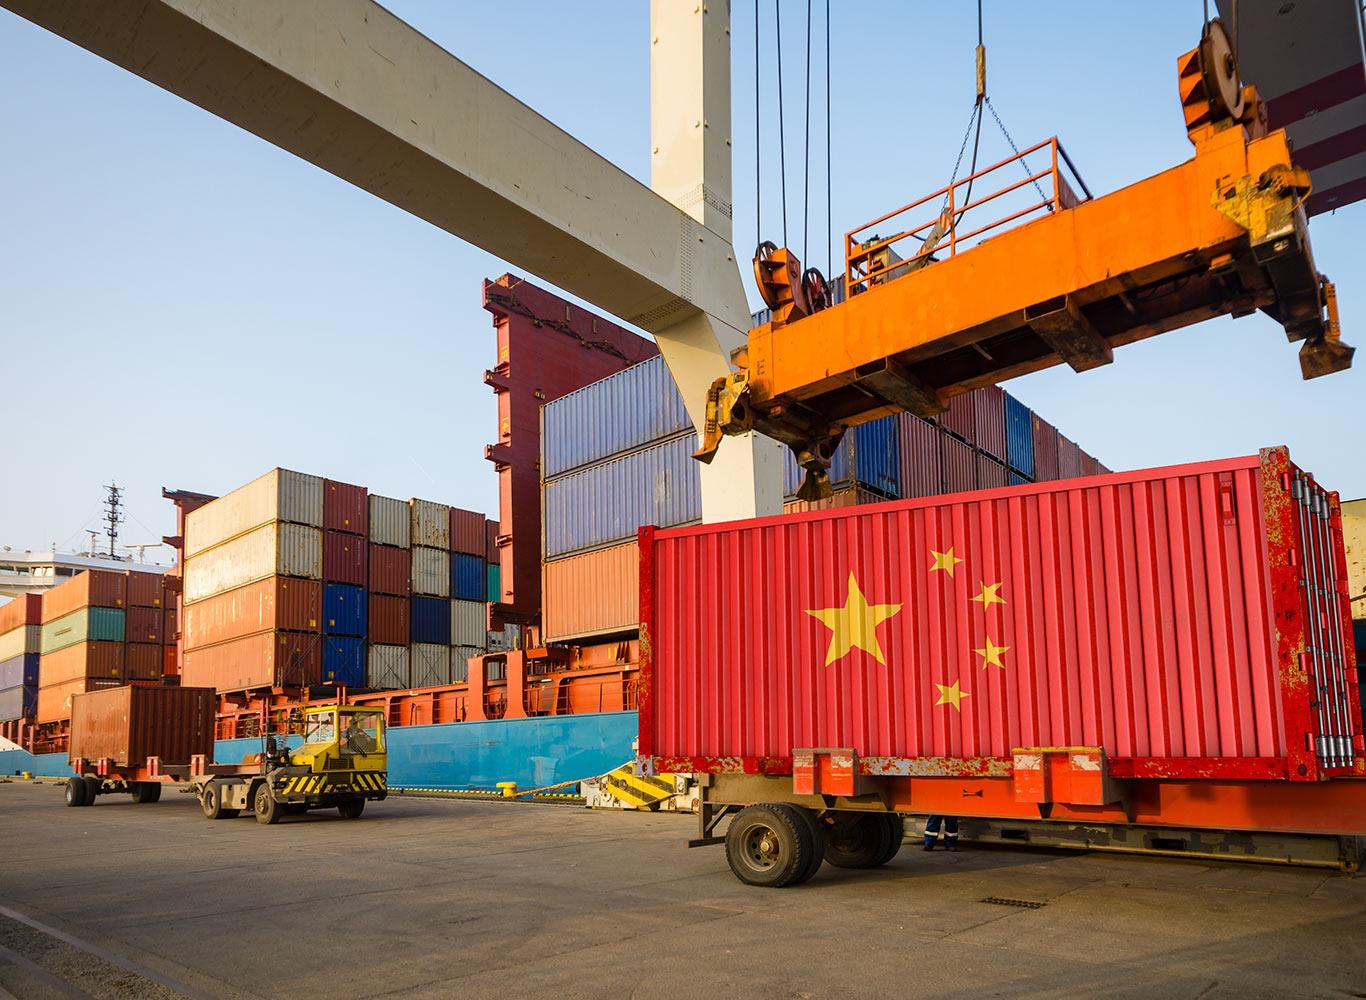 China registra crescimento econômico mais lento desde 1990